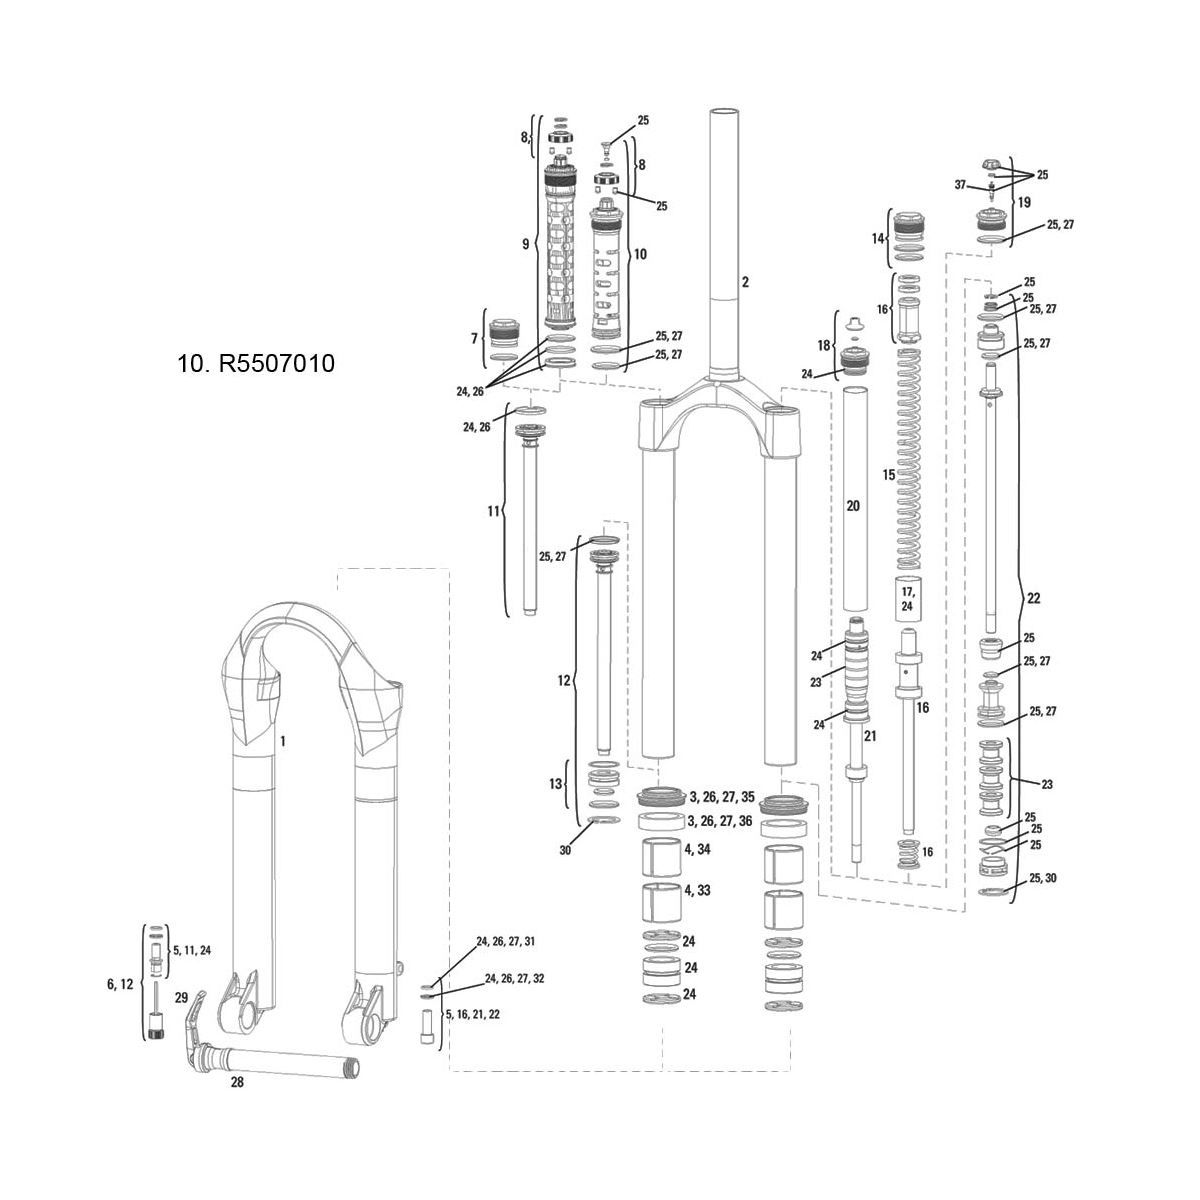 Rockshox Compression Damper Argyle Rct 2011 Moco Crown Adj Int Gate(Alum Uppers Only):